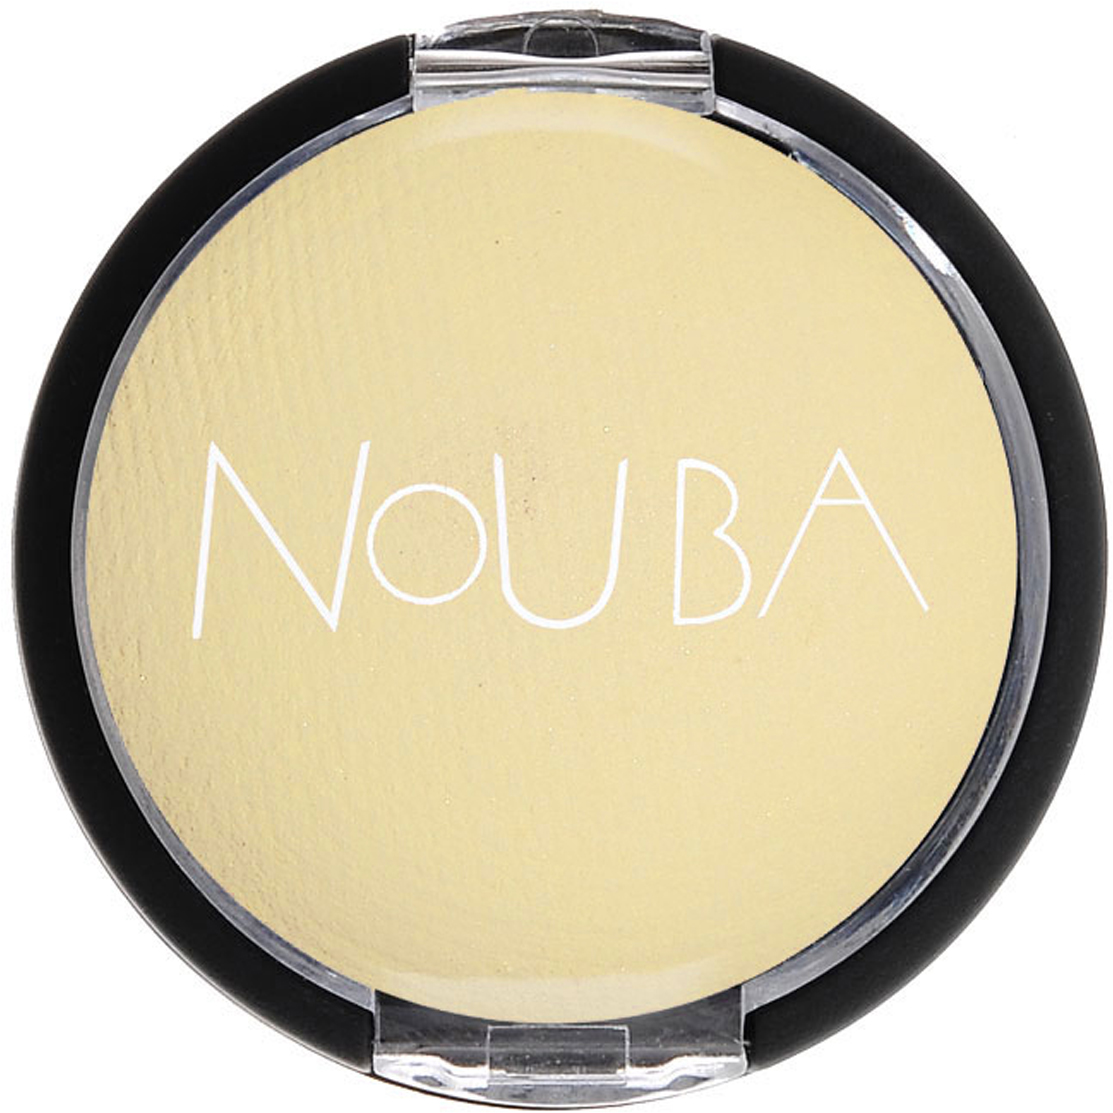 Nouba Тени для век Nombra, матовые, 1 цвет, тон №404, 2 гN33404Запеченные матовые тени Nouba Nombra обогащены увлажняющими компонентами, ухаживающими за чувствительной кожей век, и включают в себя элементы, обеспечивающие максимальную стойкость и матовость макияжу глаз. Легчайшая вуаль теней безупречно ложится на веки, превращаясь в прекрасную основу для эффекта smokey eyes и для любого типа стрелок. К теням прилагается аппликатор. Характеристики:Вес: 2 г. Тон: №404. Артикул: N33404. Товар сертифицирован.